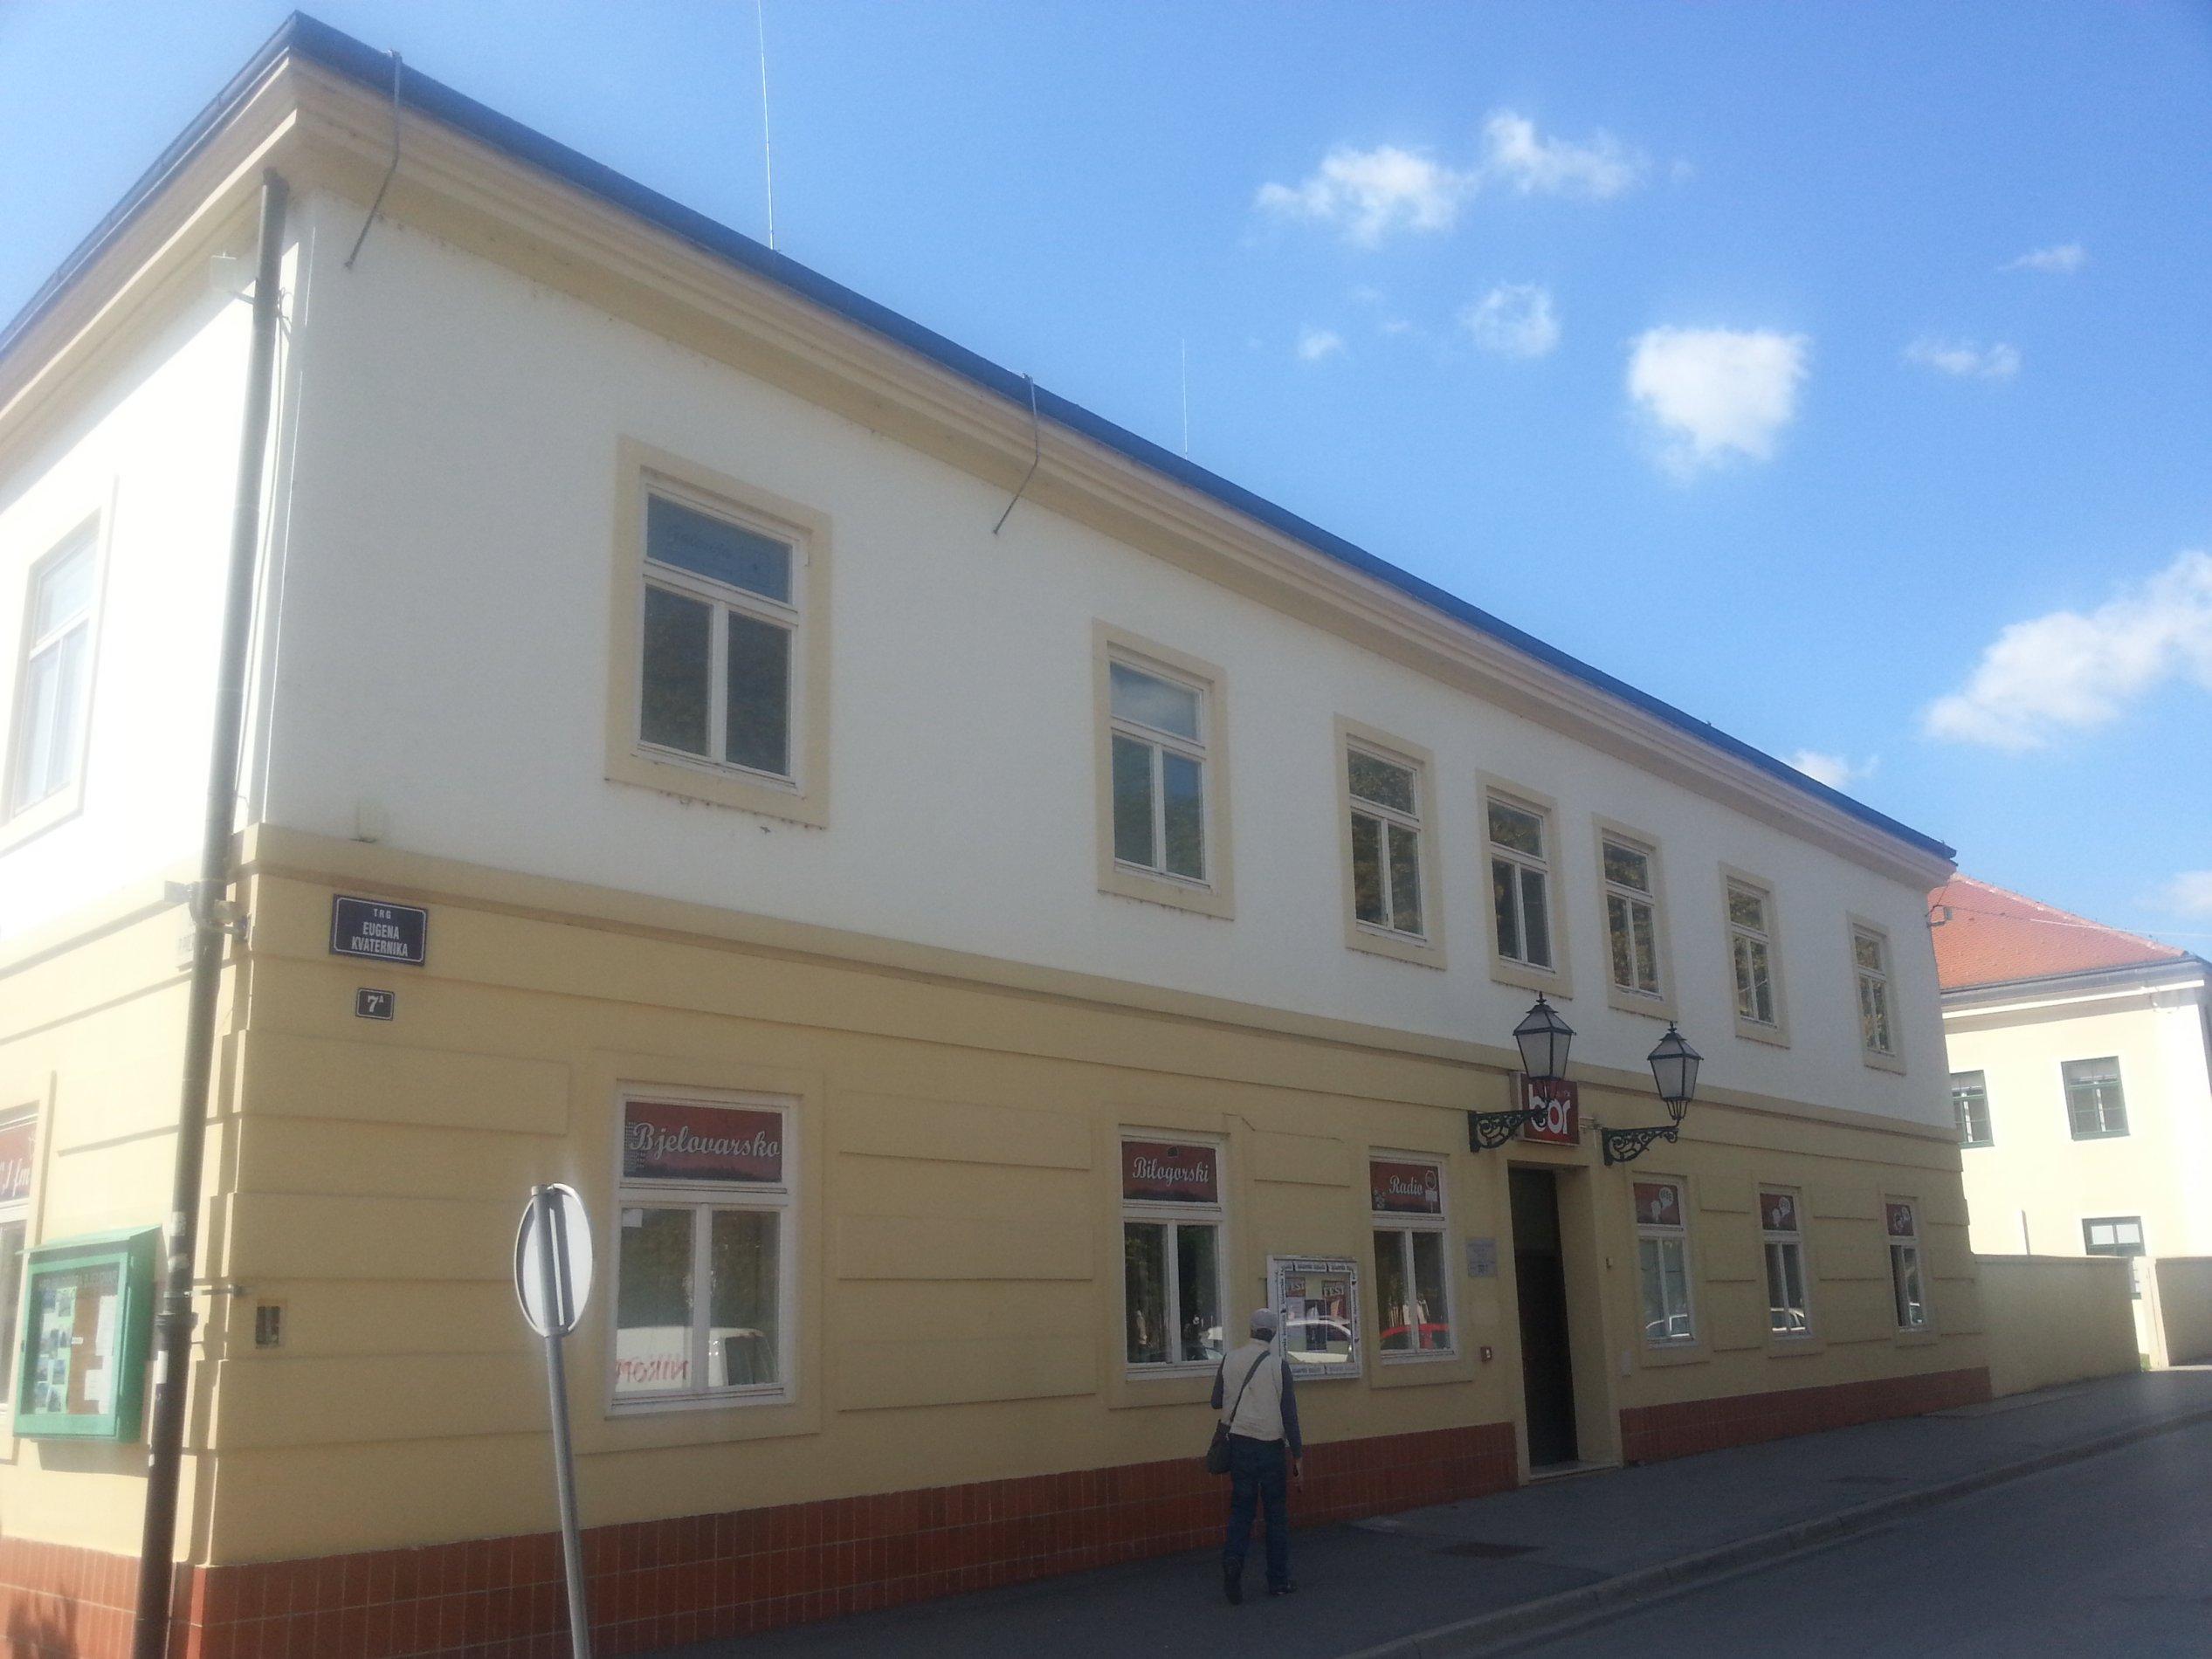 Poslovni prostori Grada Bjelovara - Trg Eugena Kvaternika 7a